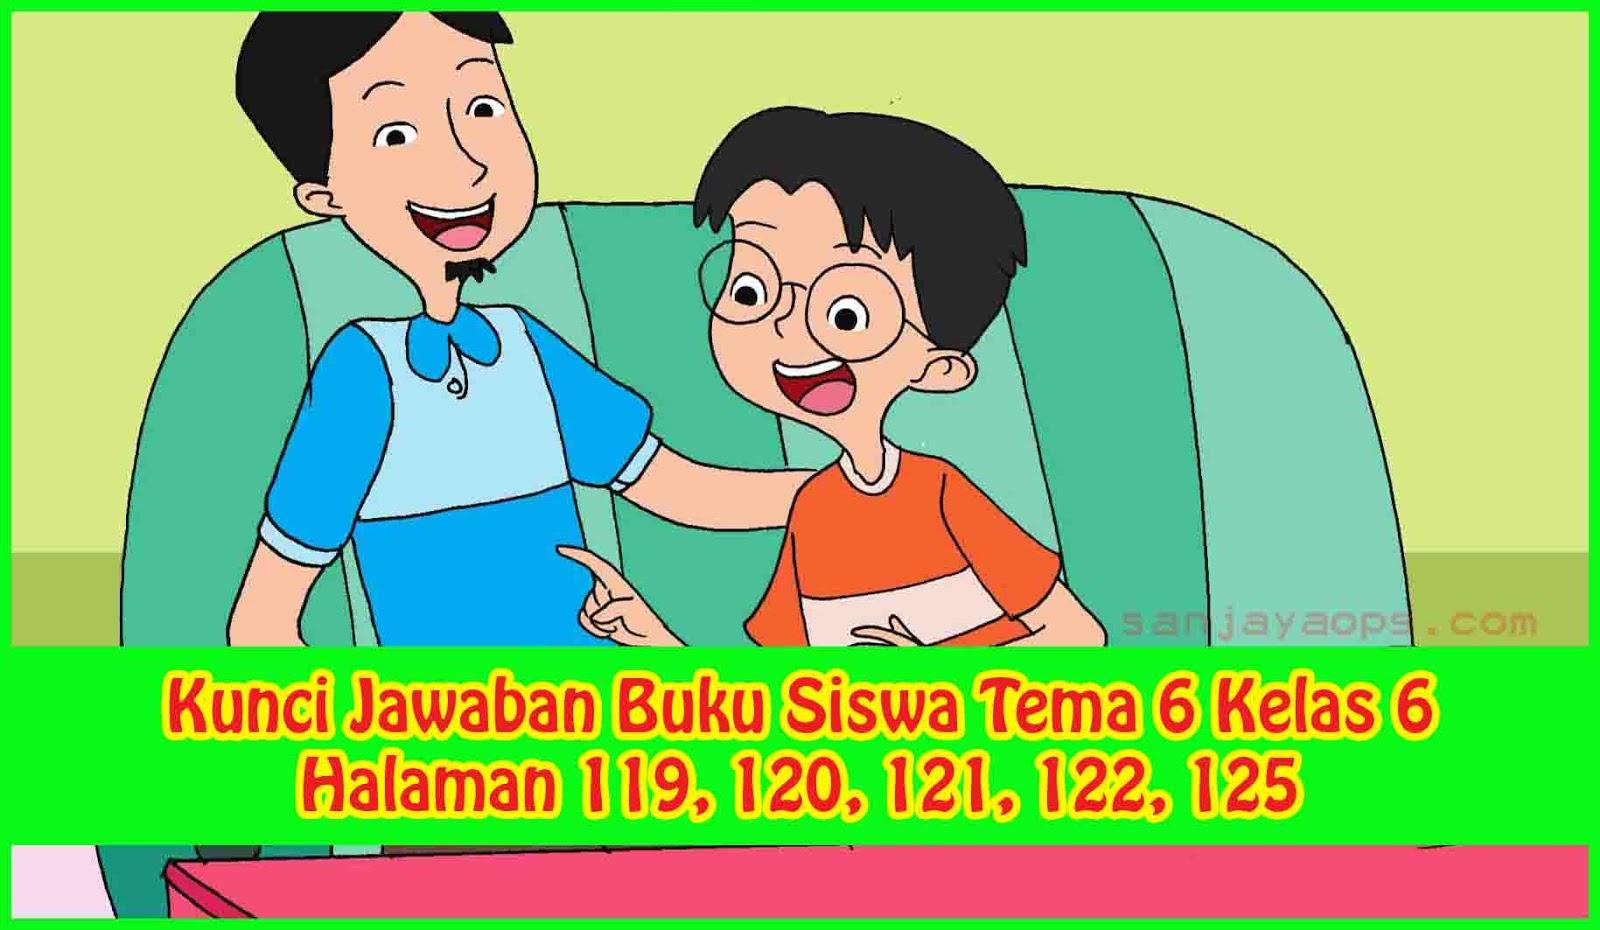 Kunci Jawaban Buku Siswa Tema 6 Kelas 6 Halaman 119 120 121 122